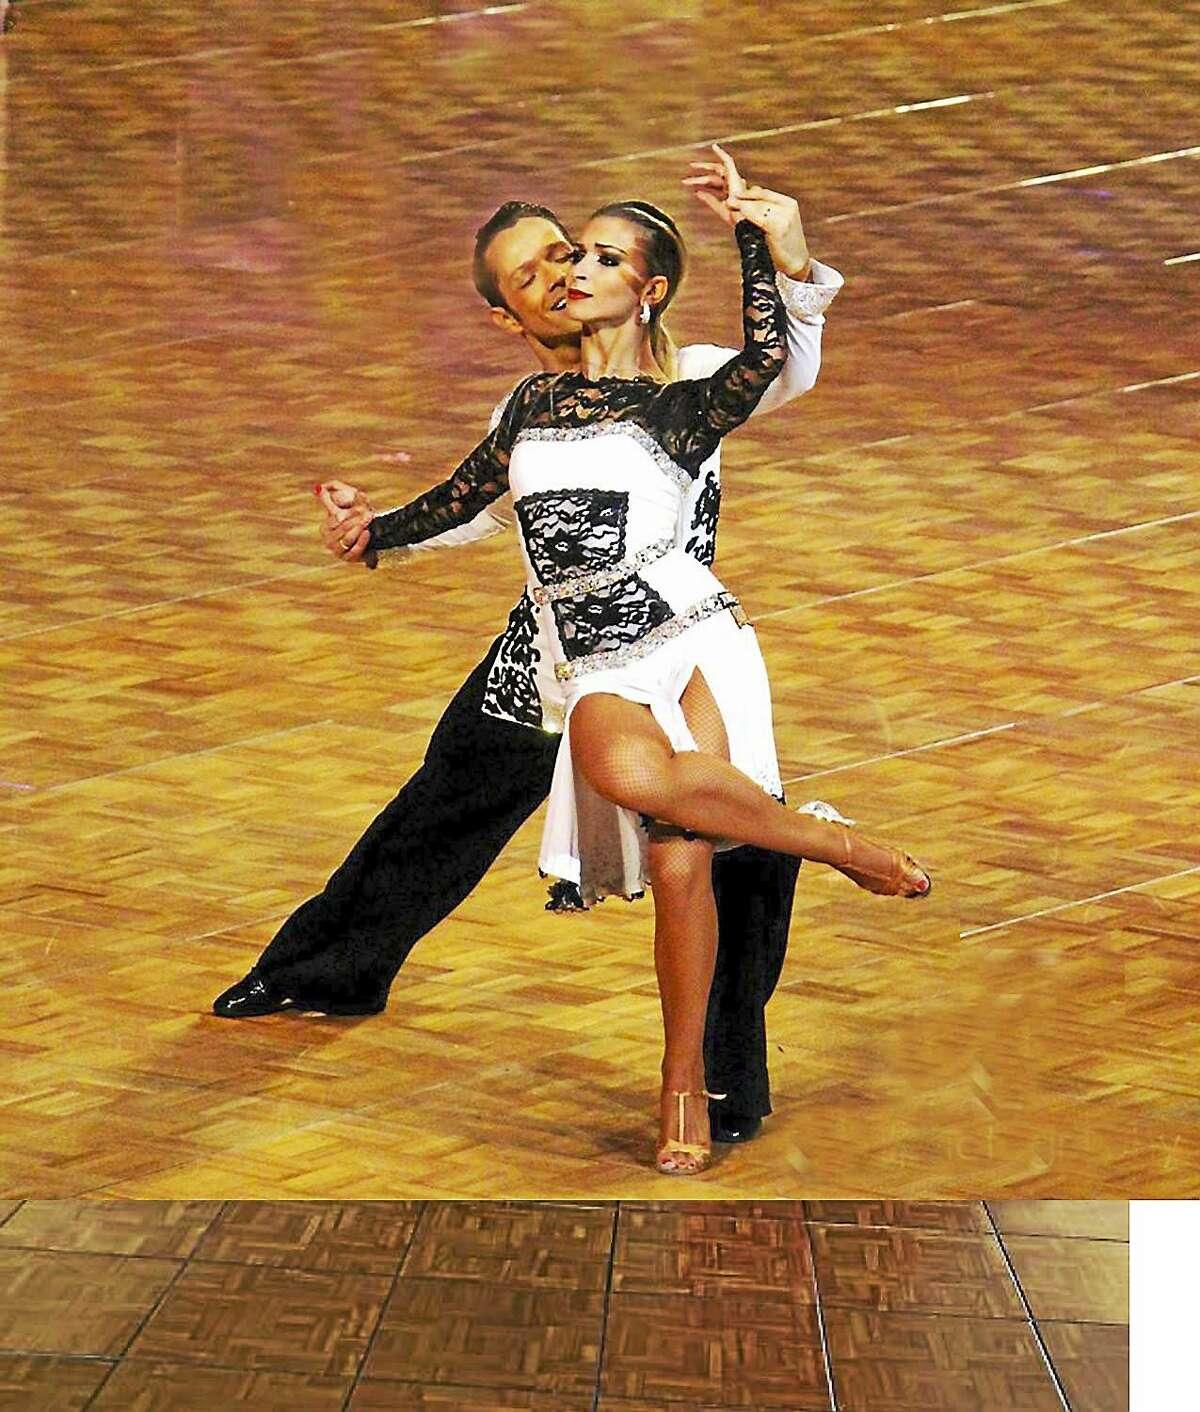 National Latin champions Pasha Pashkov and Daniella Karagach in action.